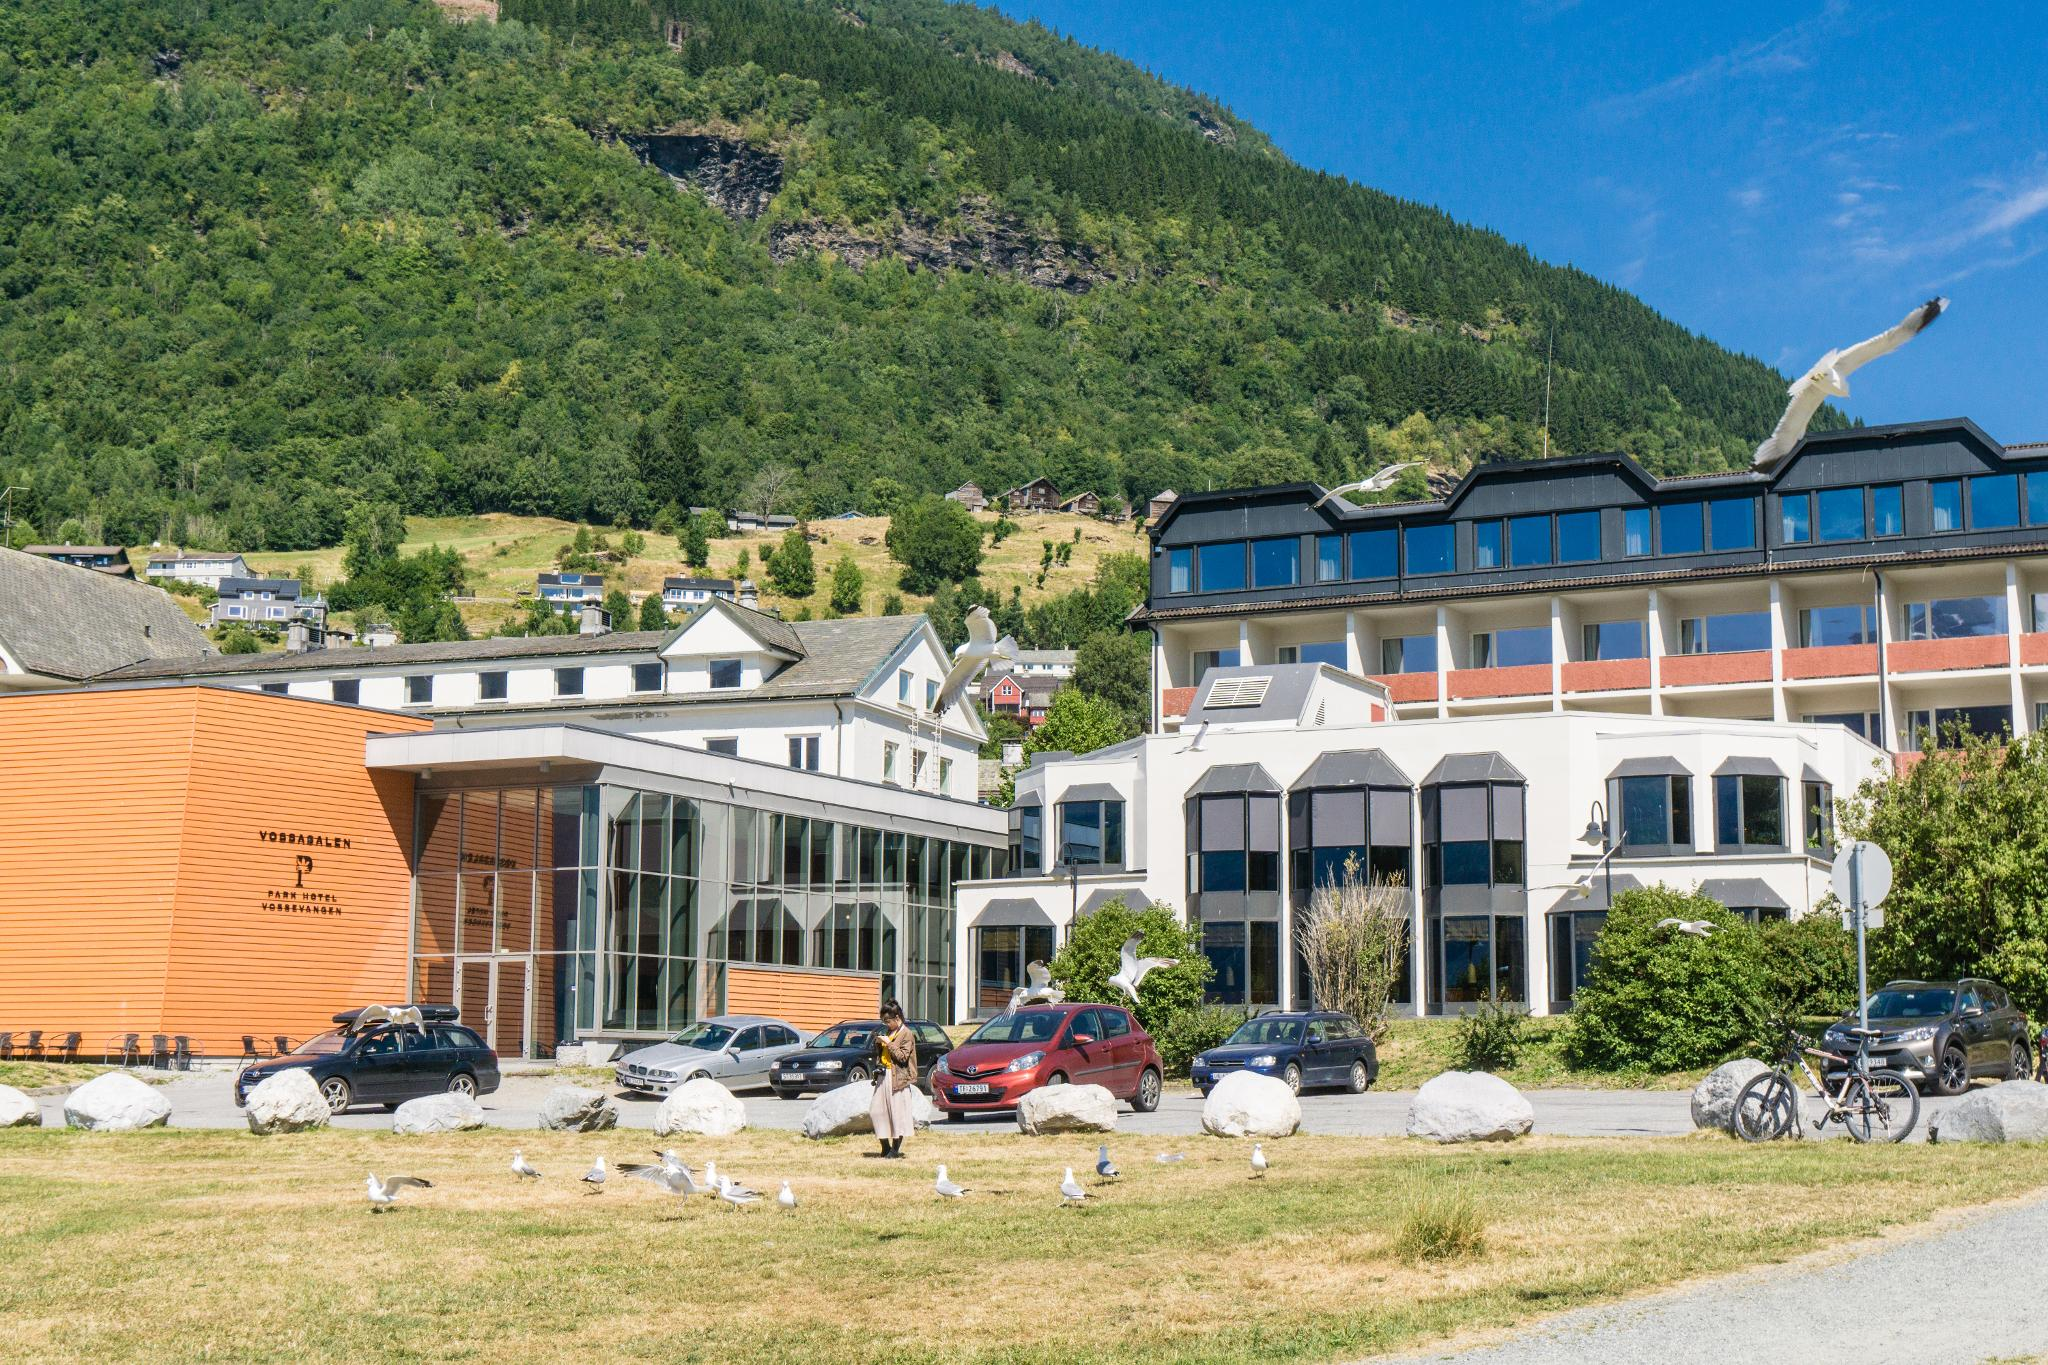 【北歐景點】挪威VOSS小鎮 — 探訪世界最純淨泉水產地 12